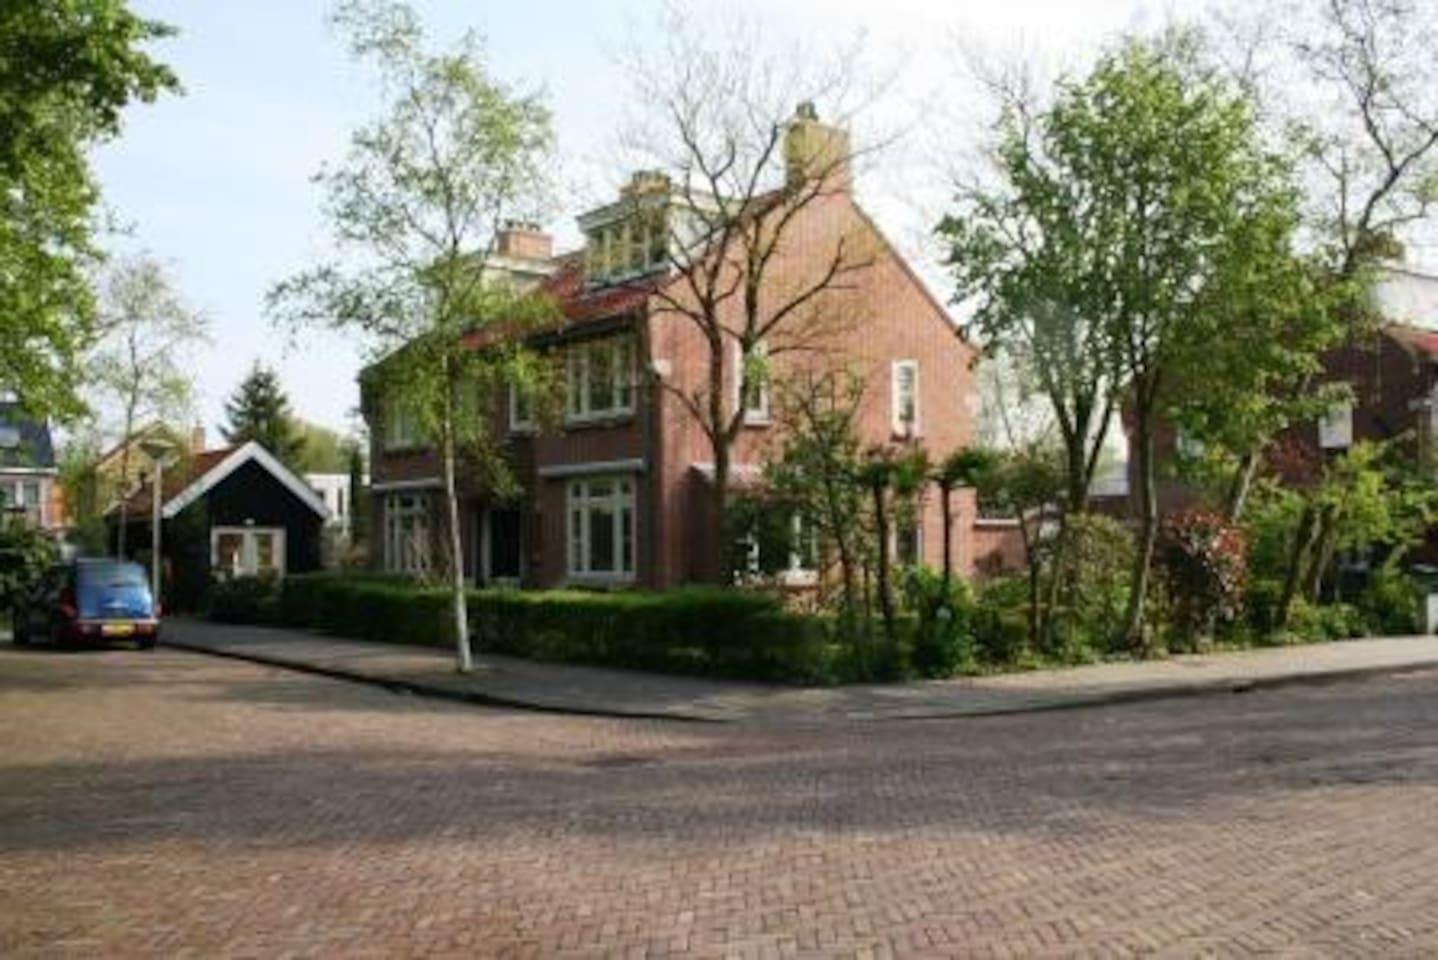 Vrijstaand huisje aan bosrand - Zomerhuisjes/cottages te Huur in ...